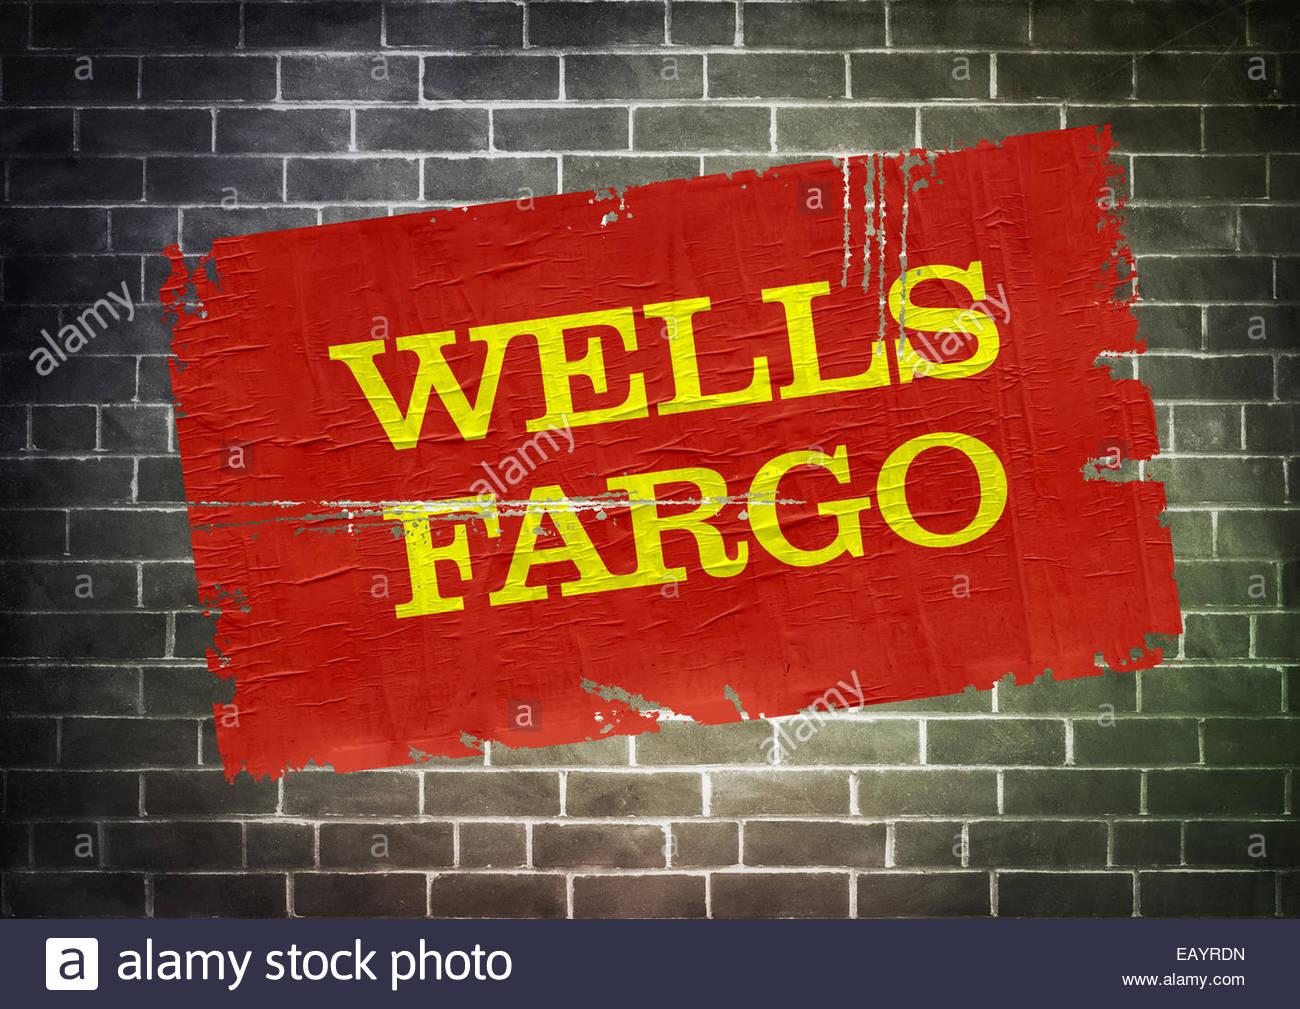 Wells Fargo Icon Logo Poster Stock Photo 75599153 Alamy